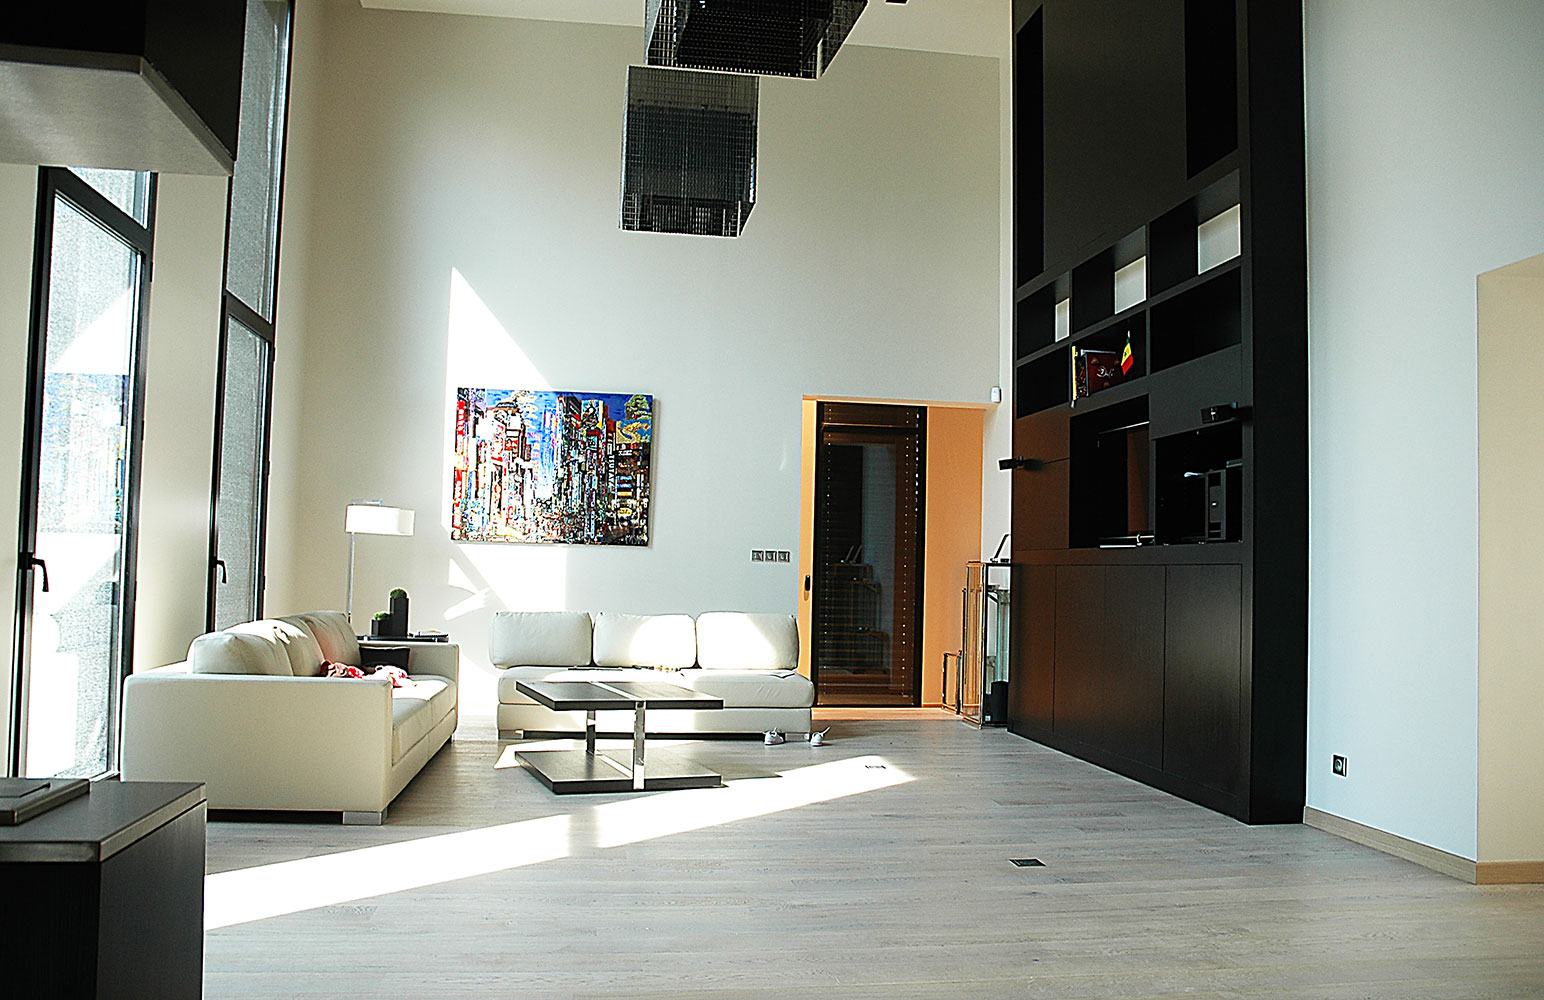 excoffier cuisine votre specialiste cuisine dressing et salle de bain. Black Bedroom Furniture Sets. Home Design Ideas